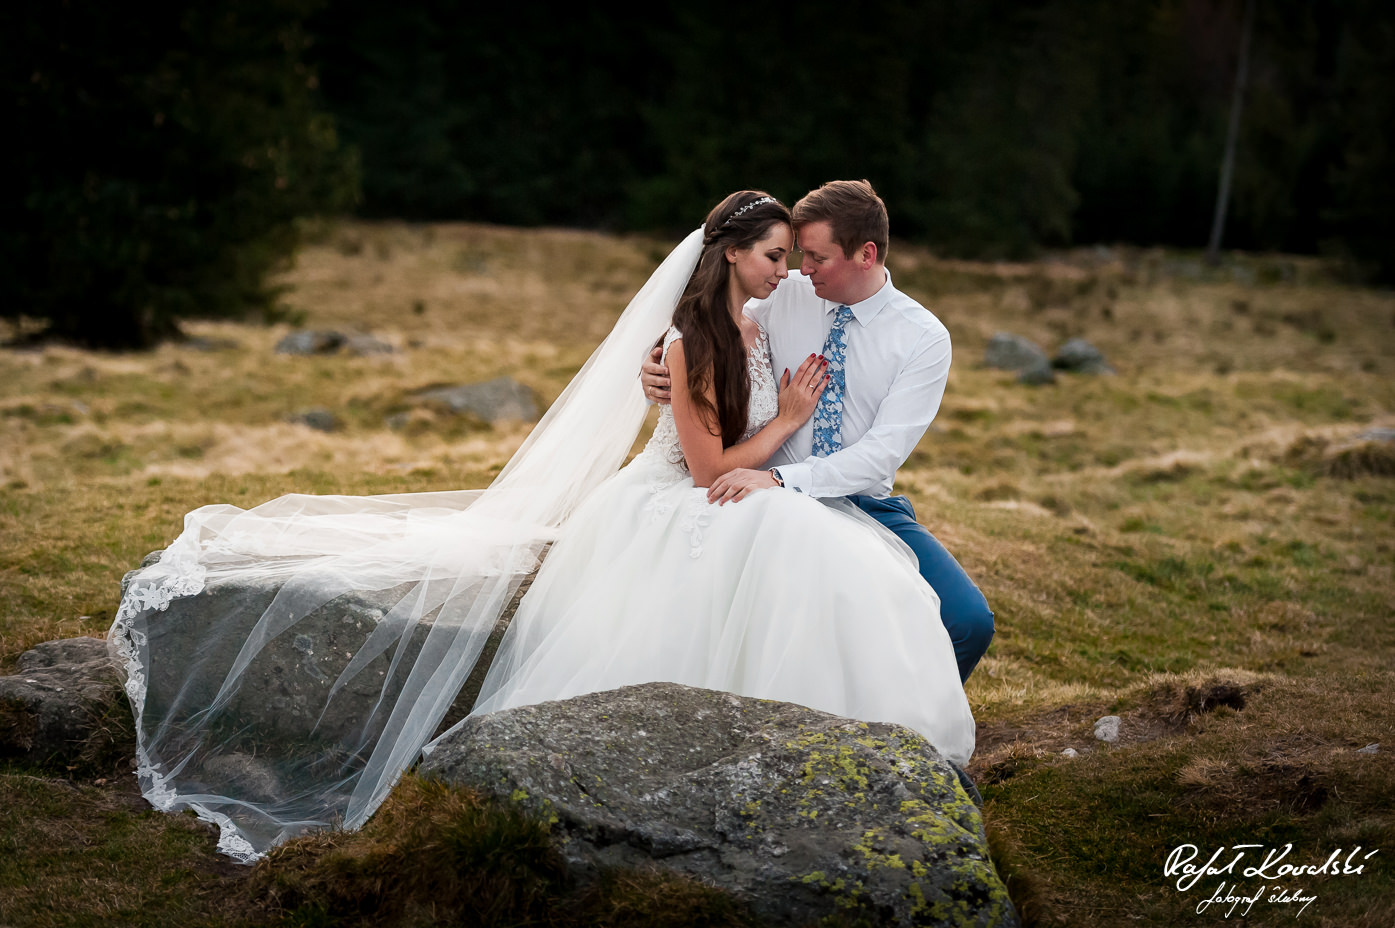 Plener ślubny w Górach fotograf Gdańsk Rafał Kowalski